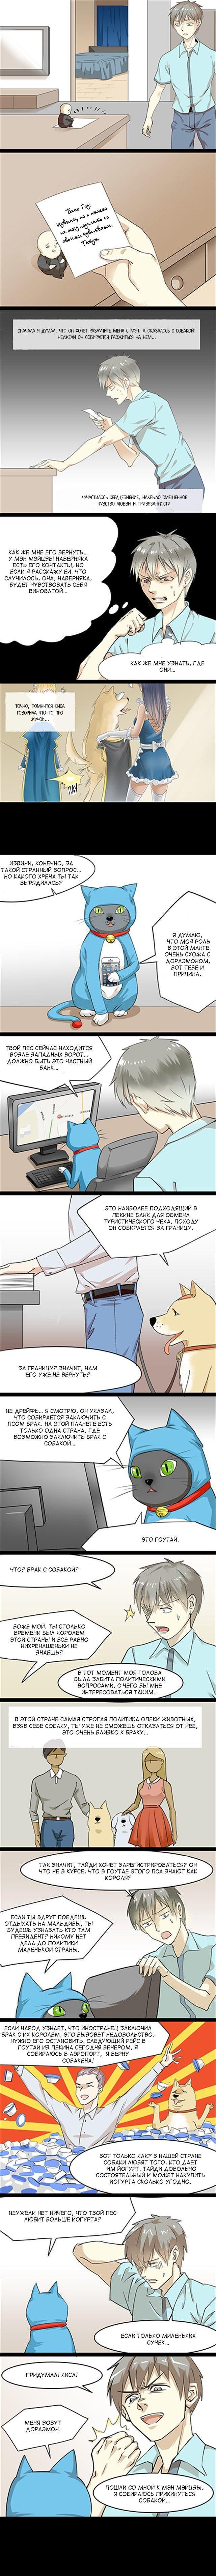 Манга Собакен - Глава 46 Страница 1